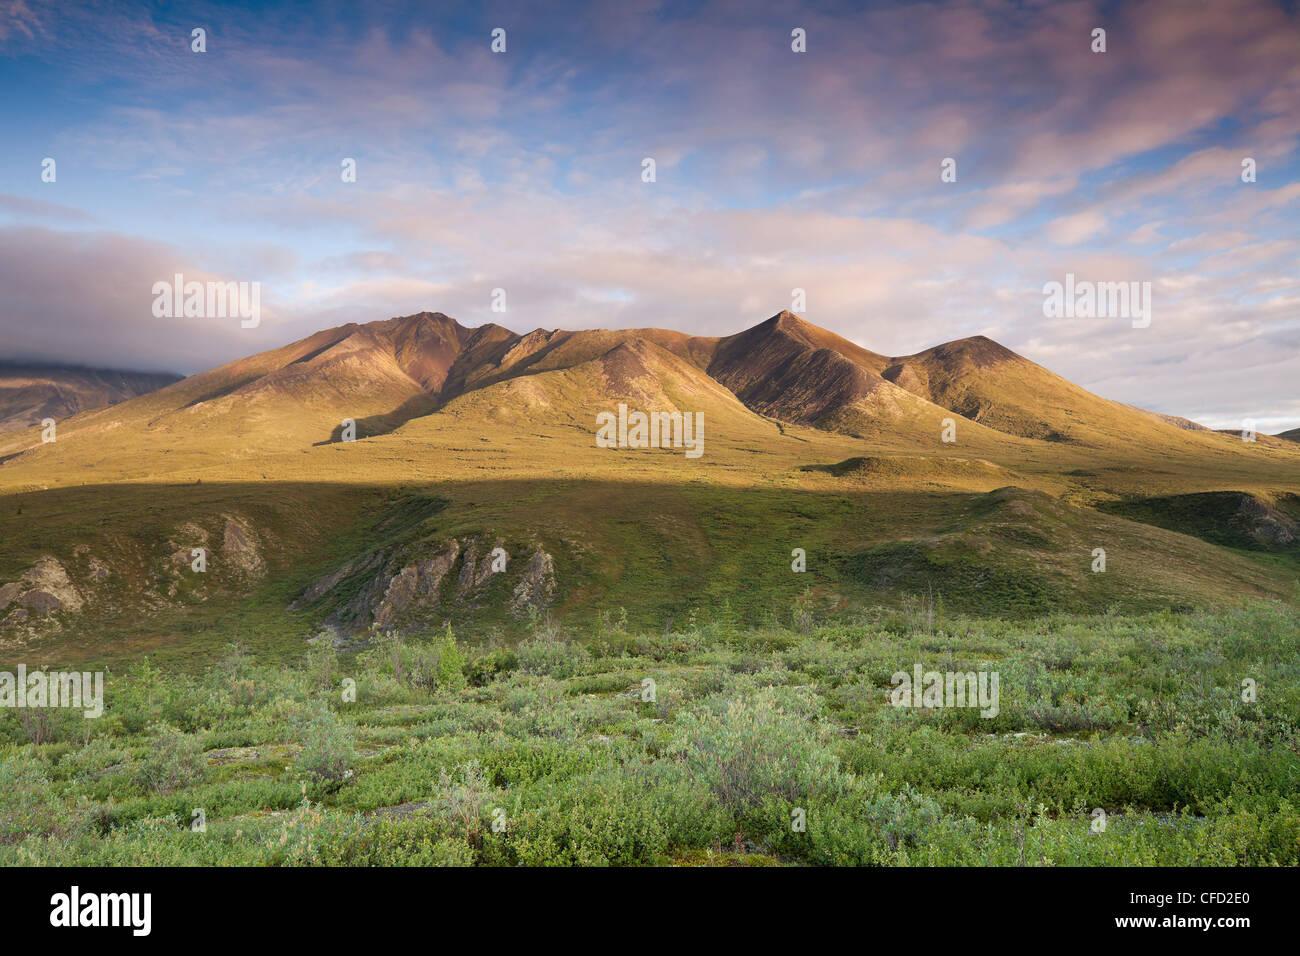 En el rango de las montañas nubladas, visto desde el punto de vista de desecho en Tombstone Parque territorial Imagen De Stock